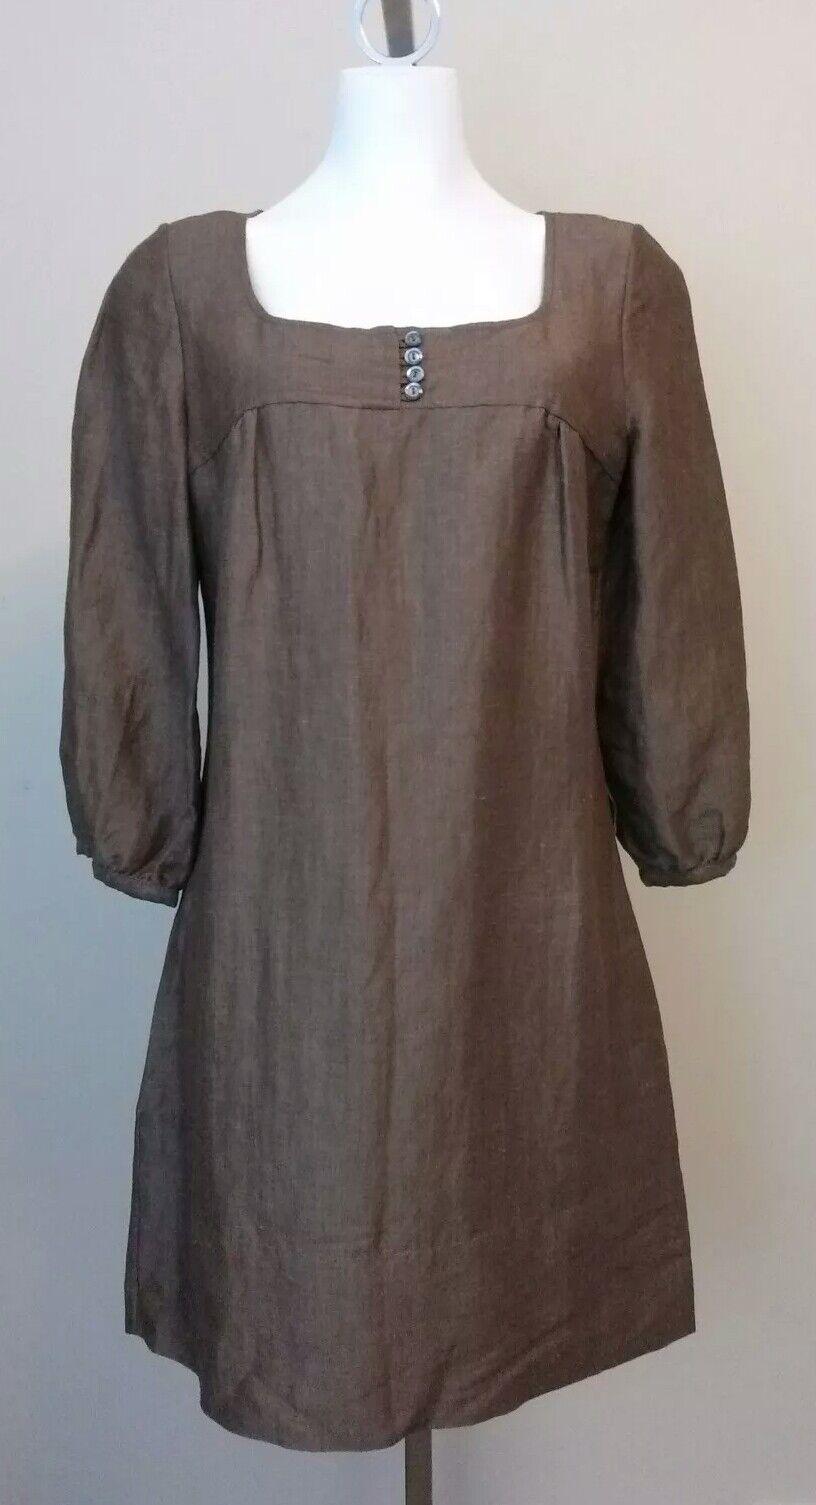 NWT Generra damen braun Linen Blend Tunic Top Dress Größe Large